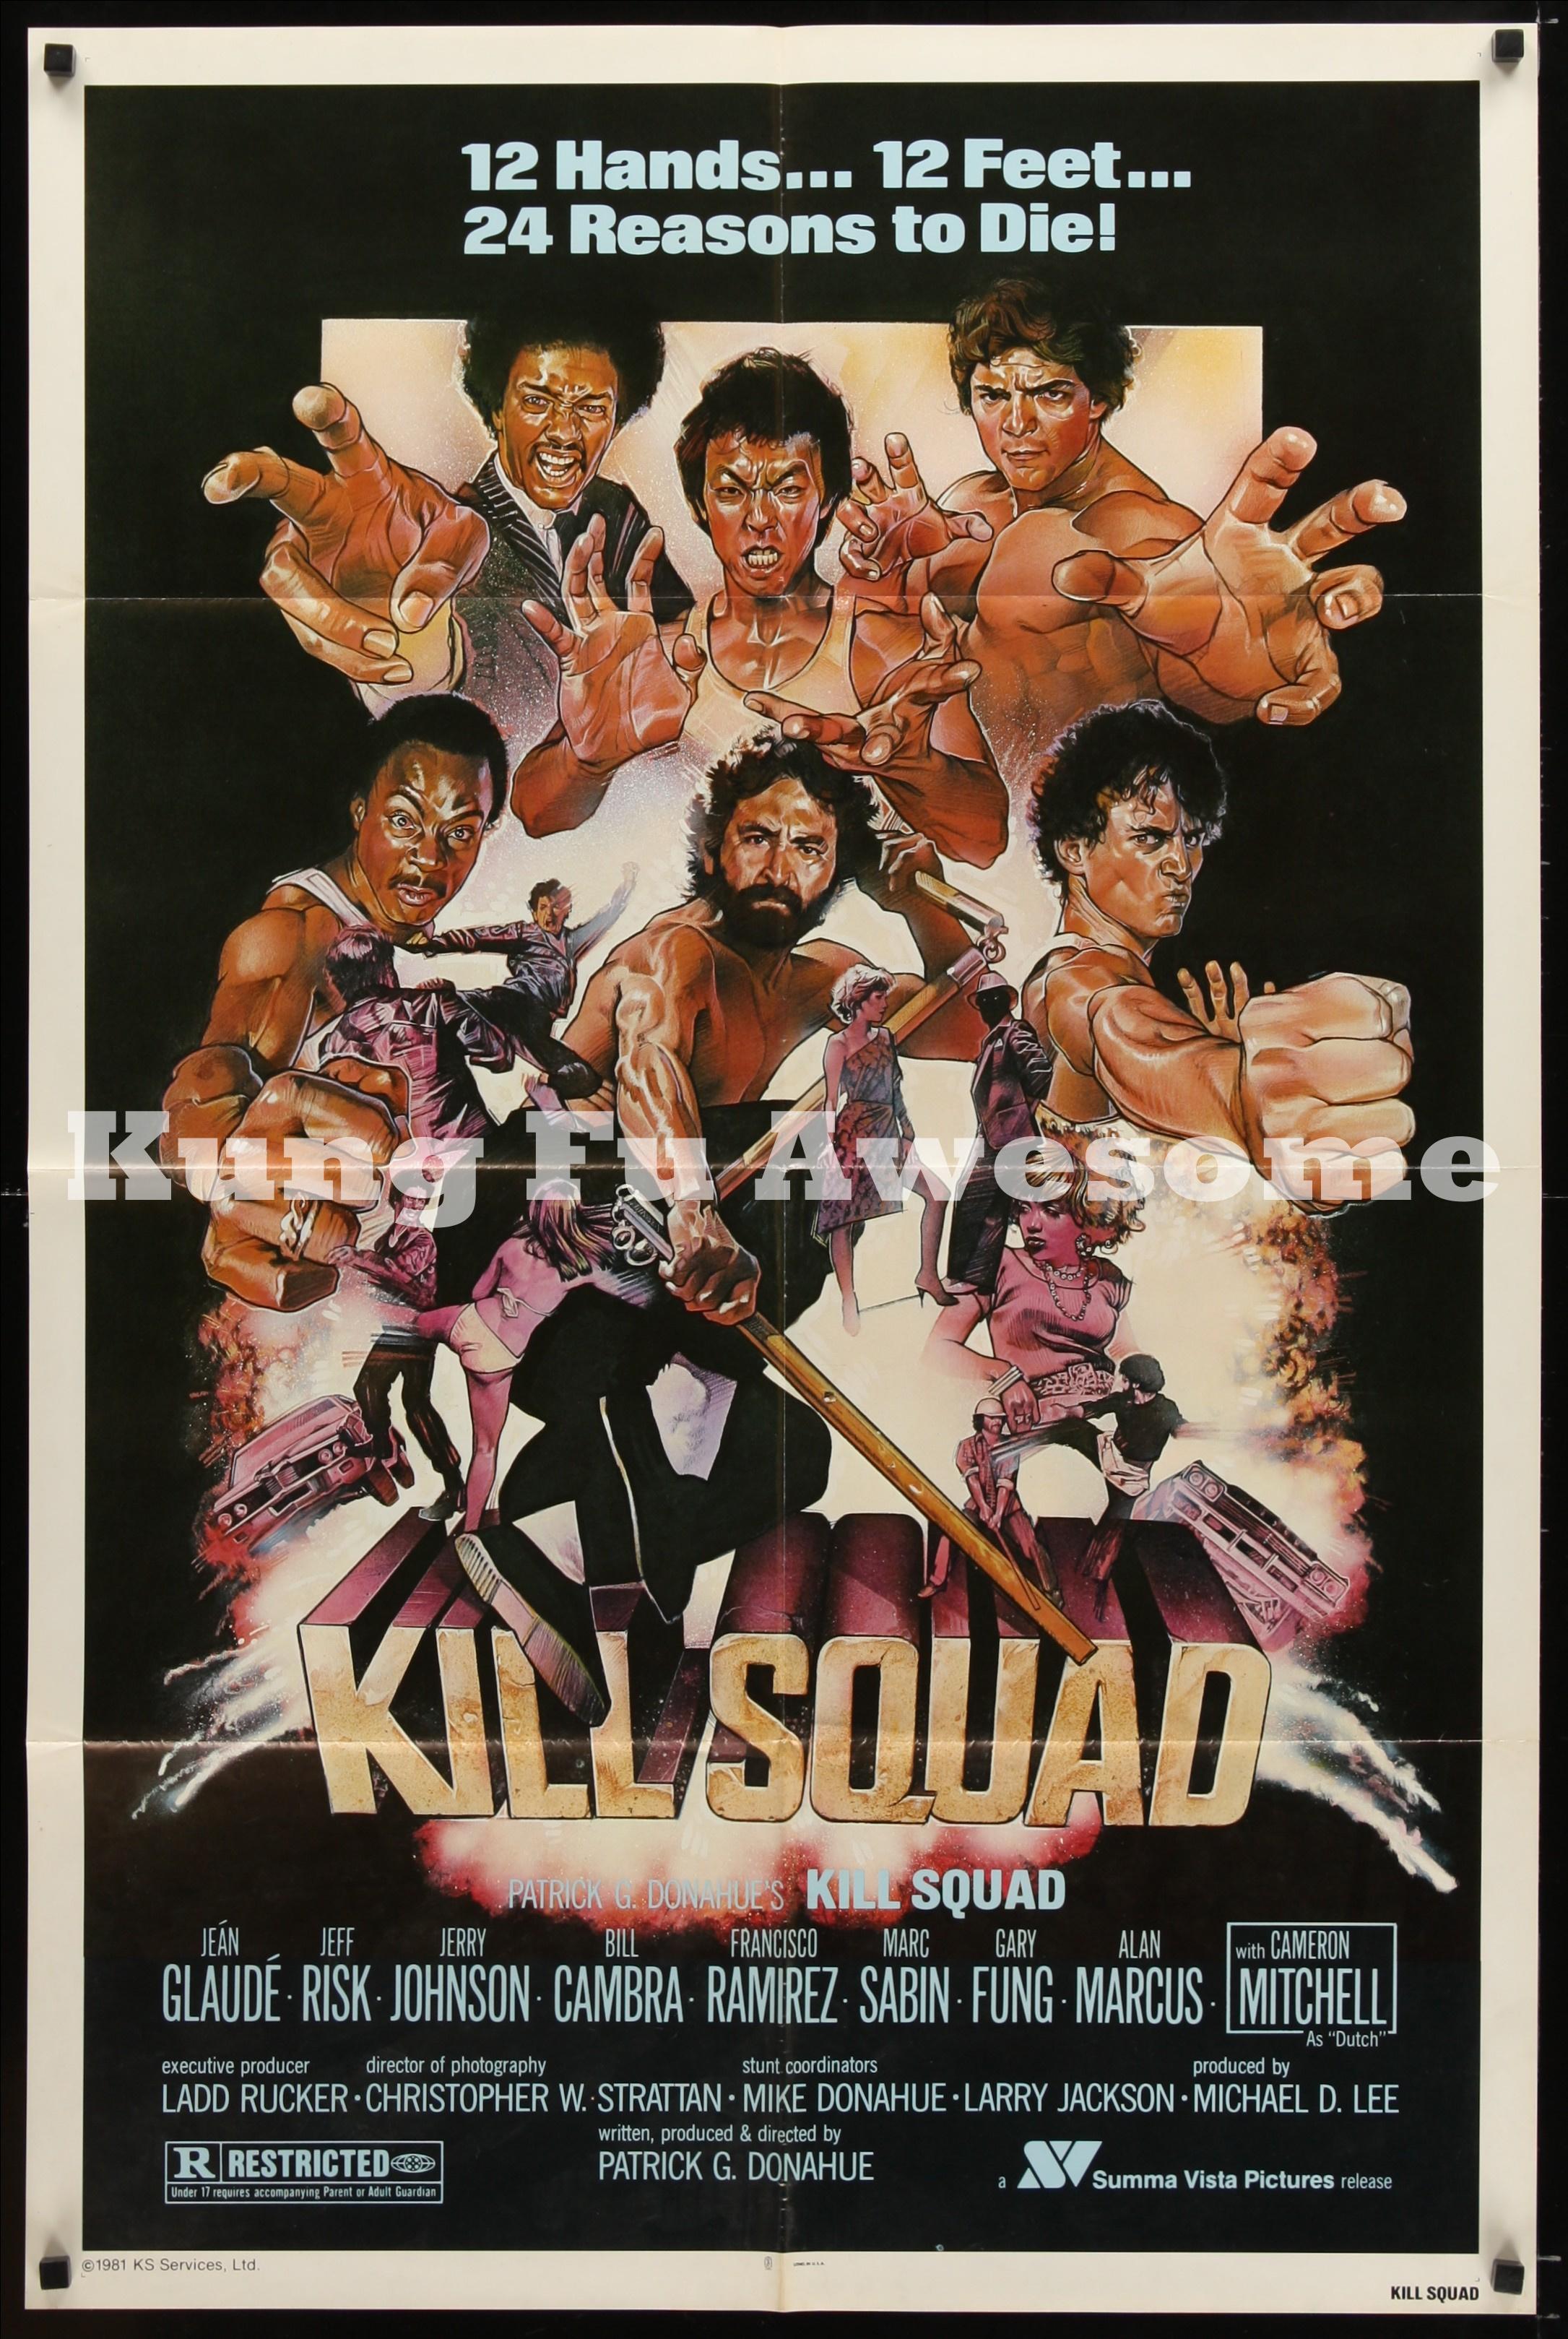 kill_squad_LB01636_L.jpg